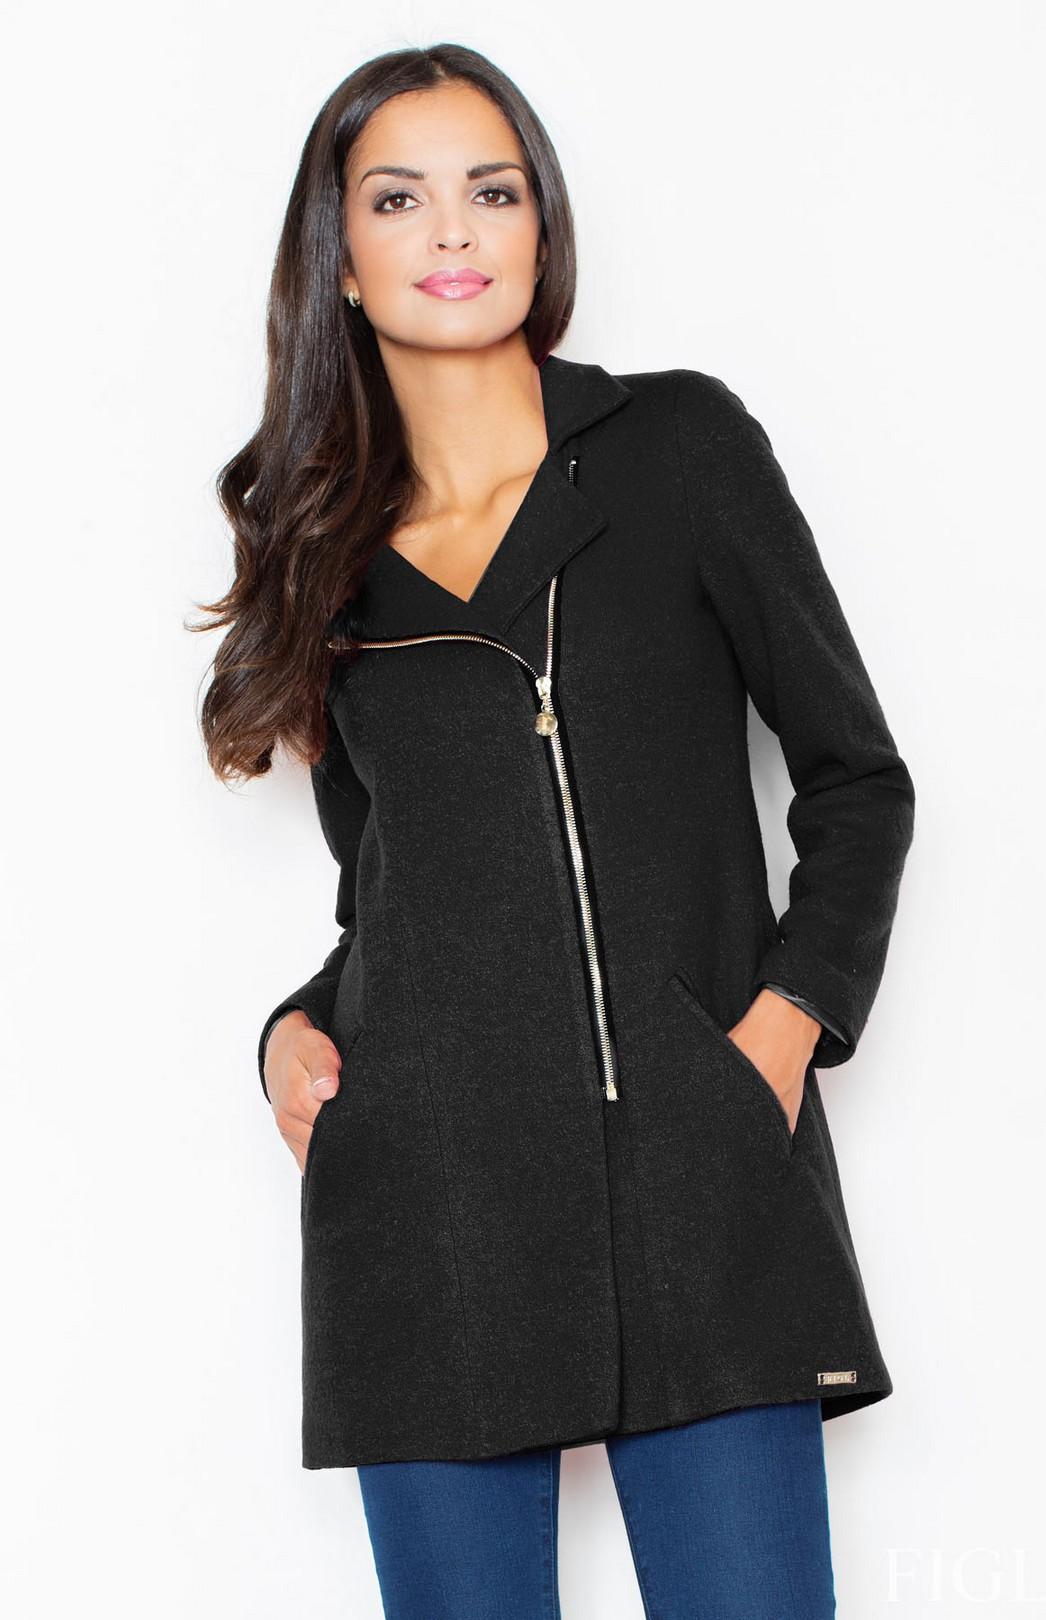 manteau trois quart zipp noir flm405n idresstocode boutique de d shabill s et nuisettes. Black Bedroom Furniture Sets. Home Design Ideas